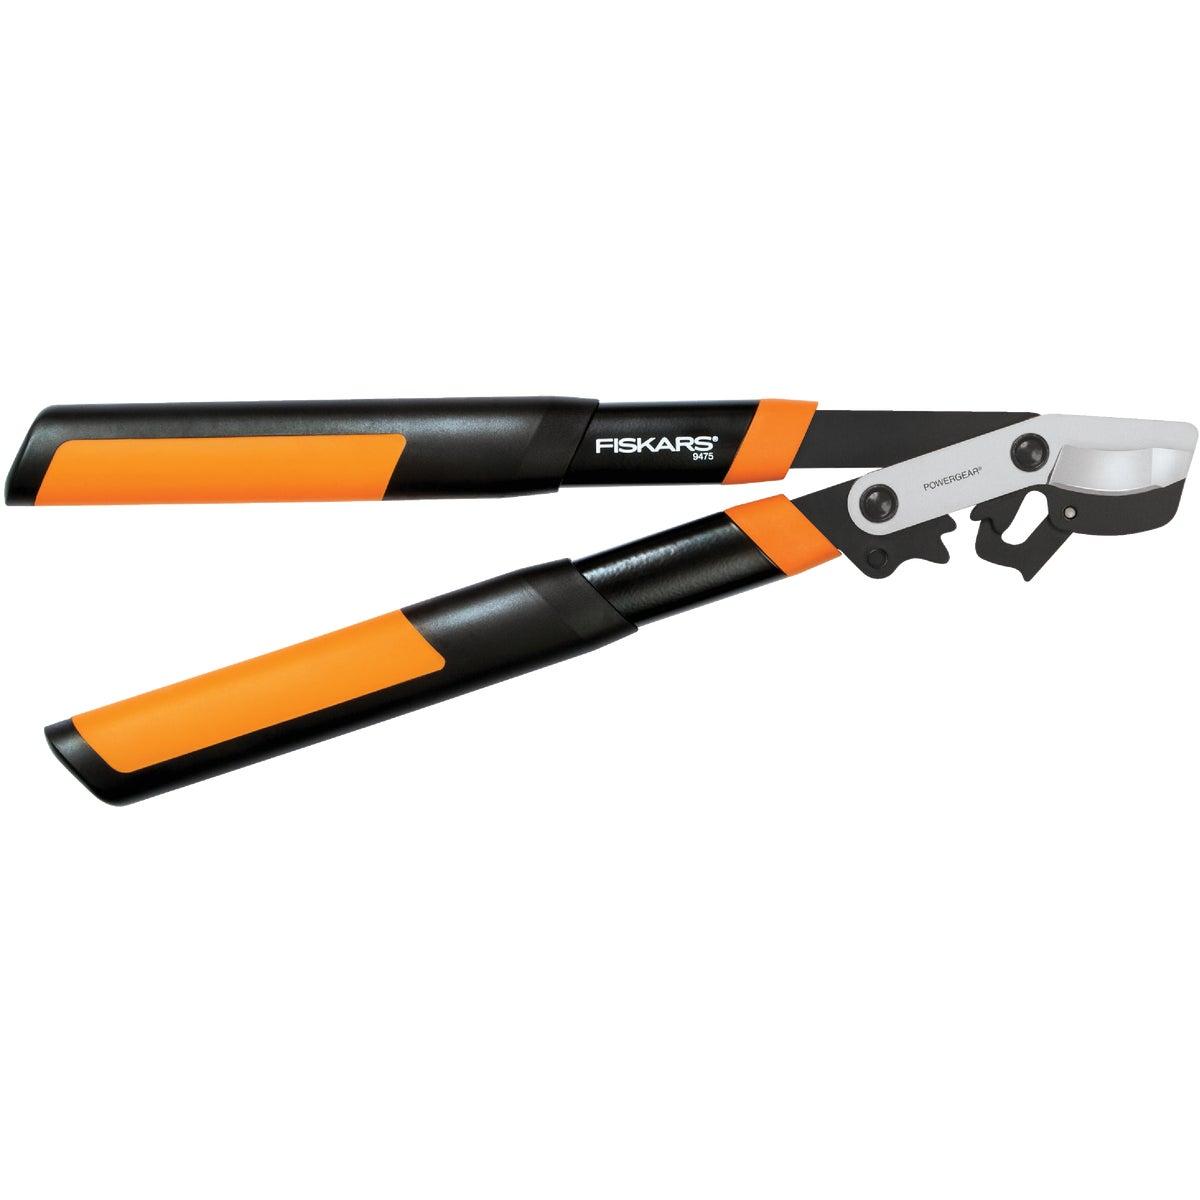 Fiskars POWER GEAR BYPASS LOPPER 96276935